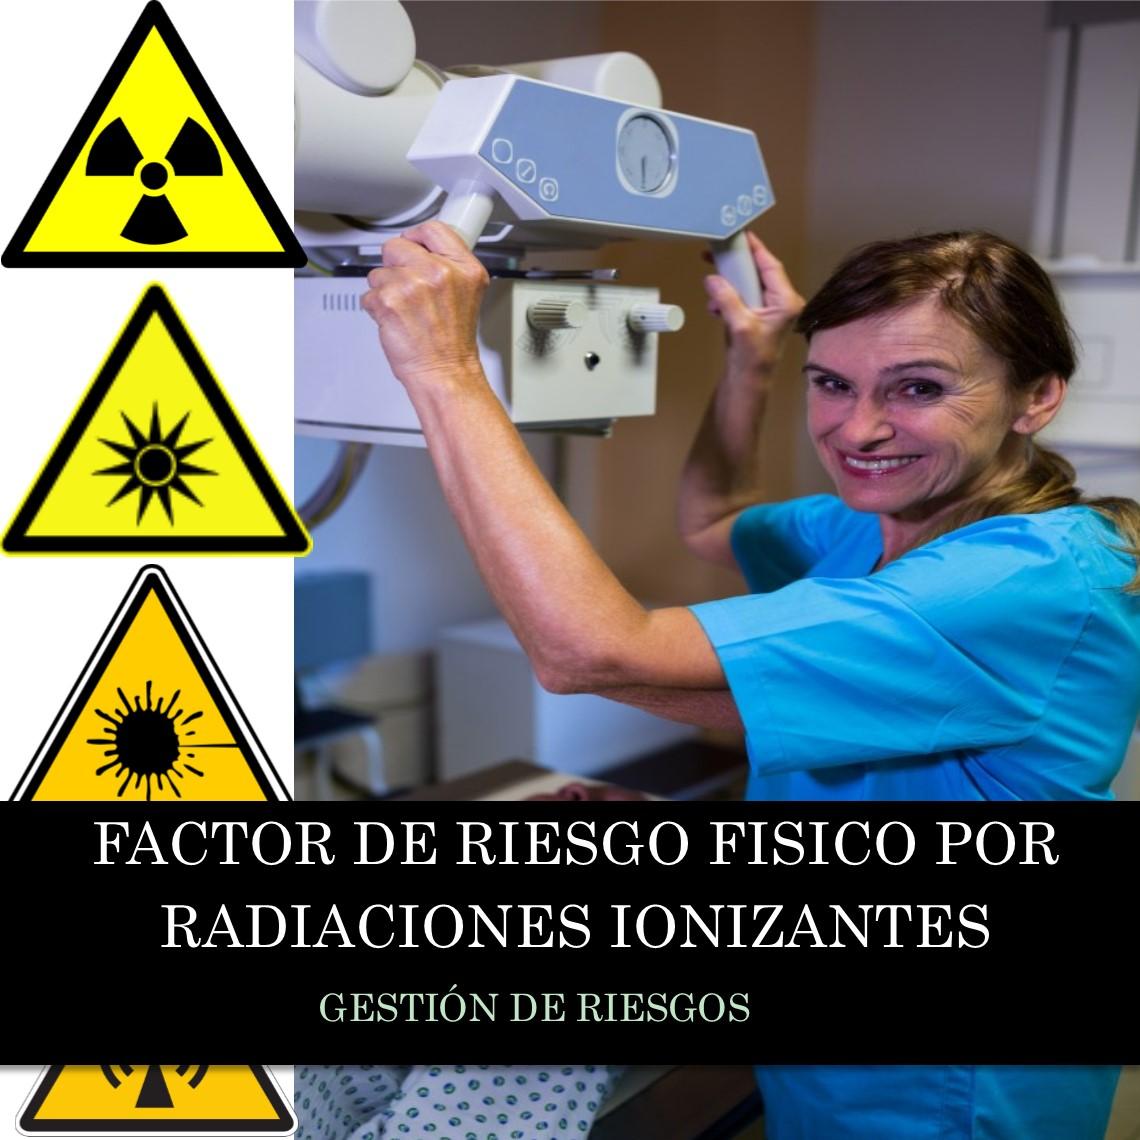 Factor de Riesgo Físico por Radiaciones Ionizantes